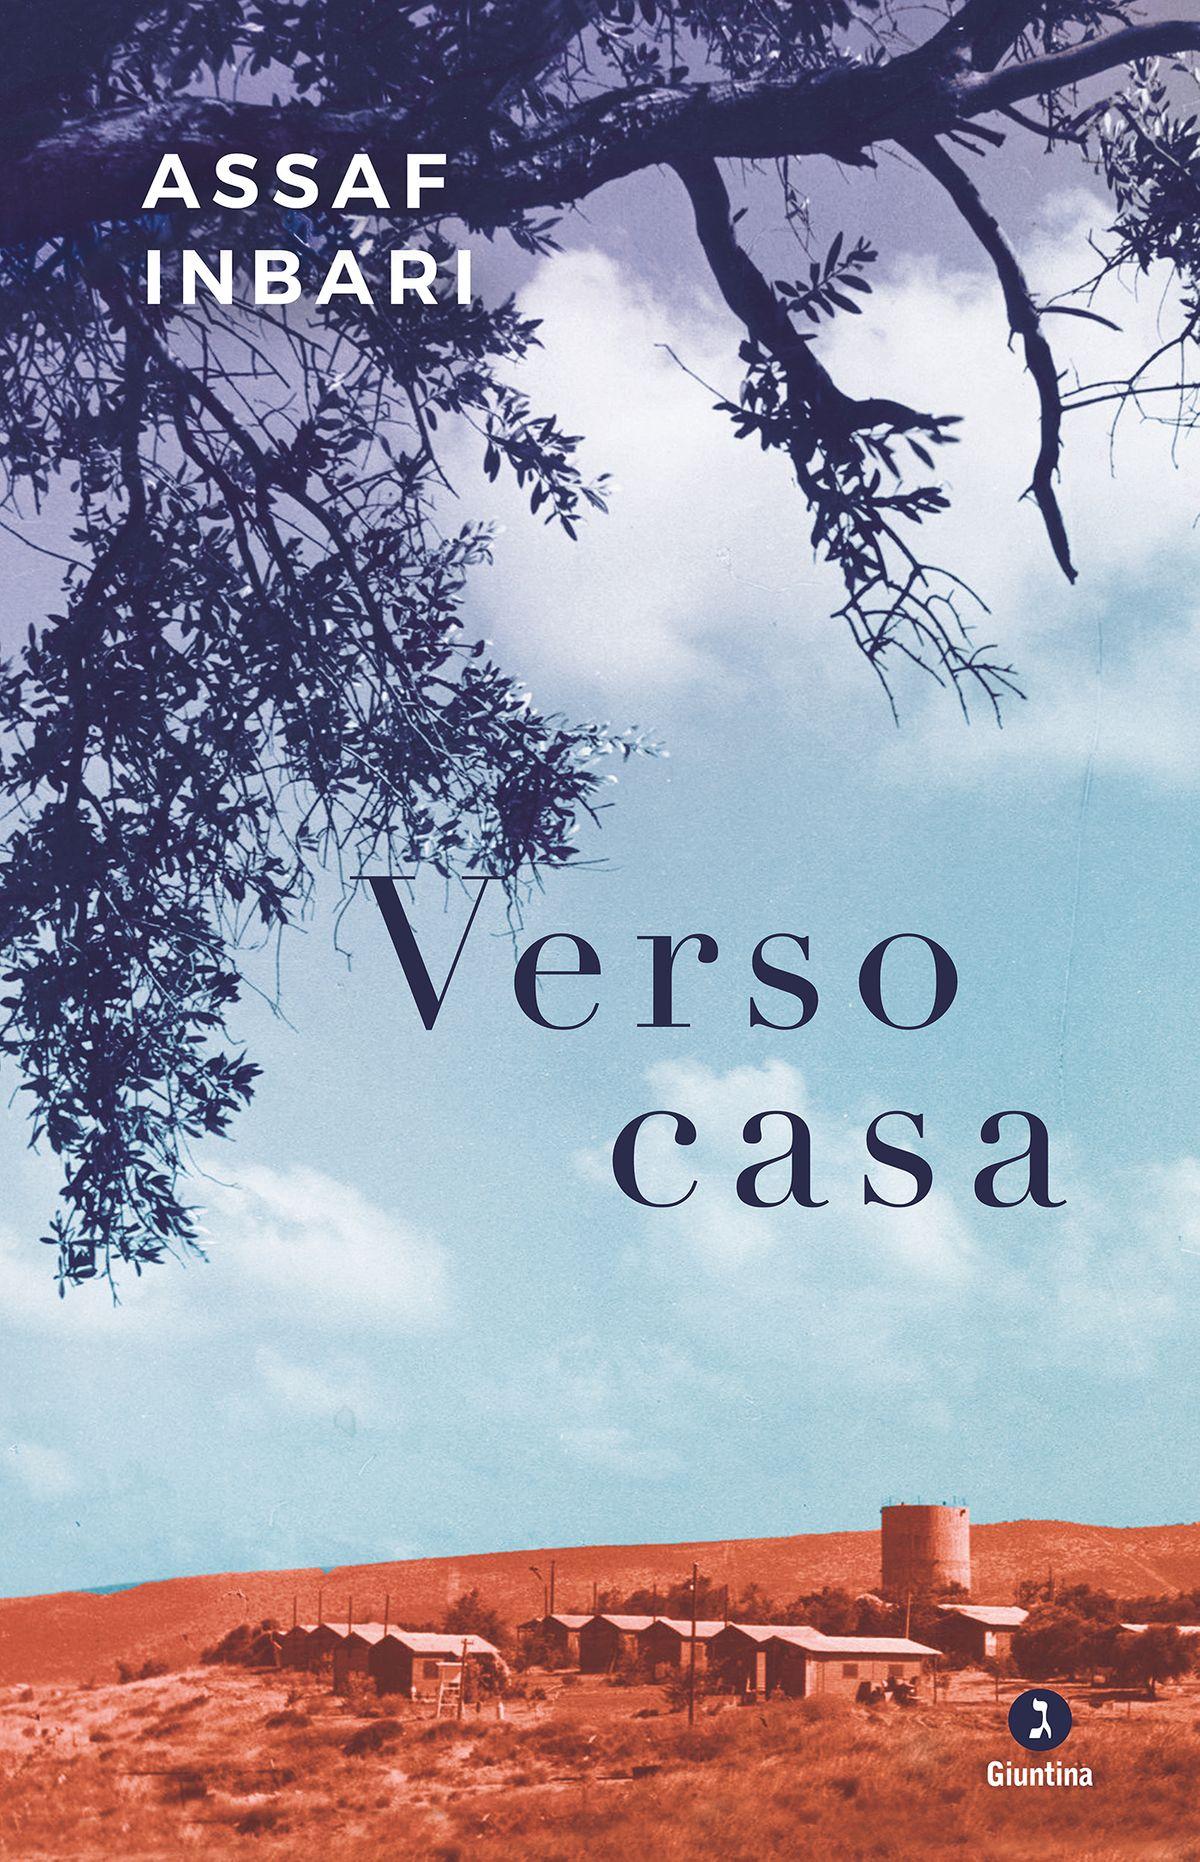 """Epopea di un luogo, epopea di una nazione: """"Verso casa"""" di Assaf ..."""